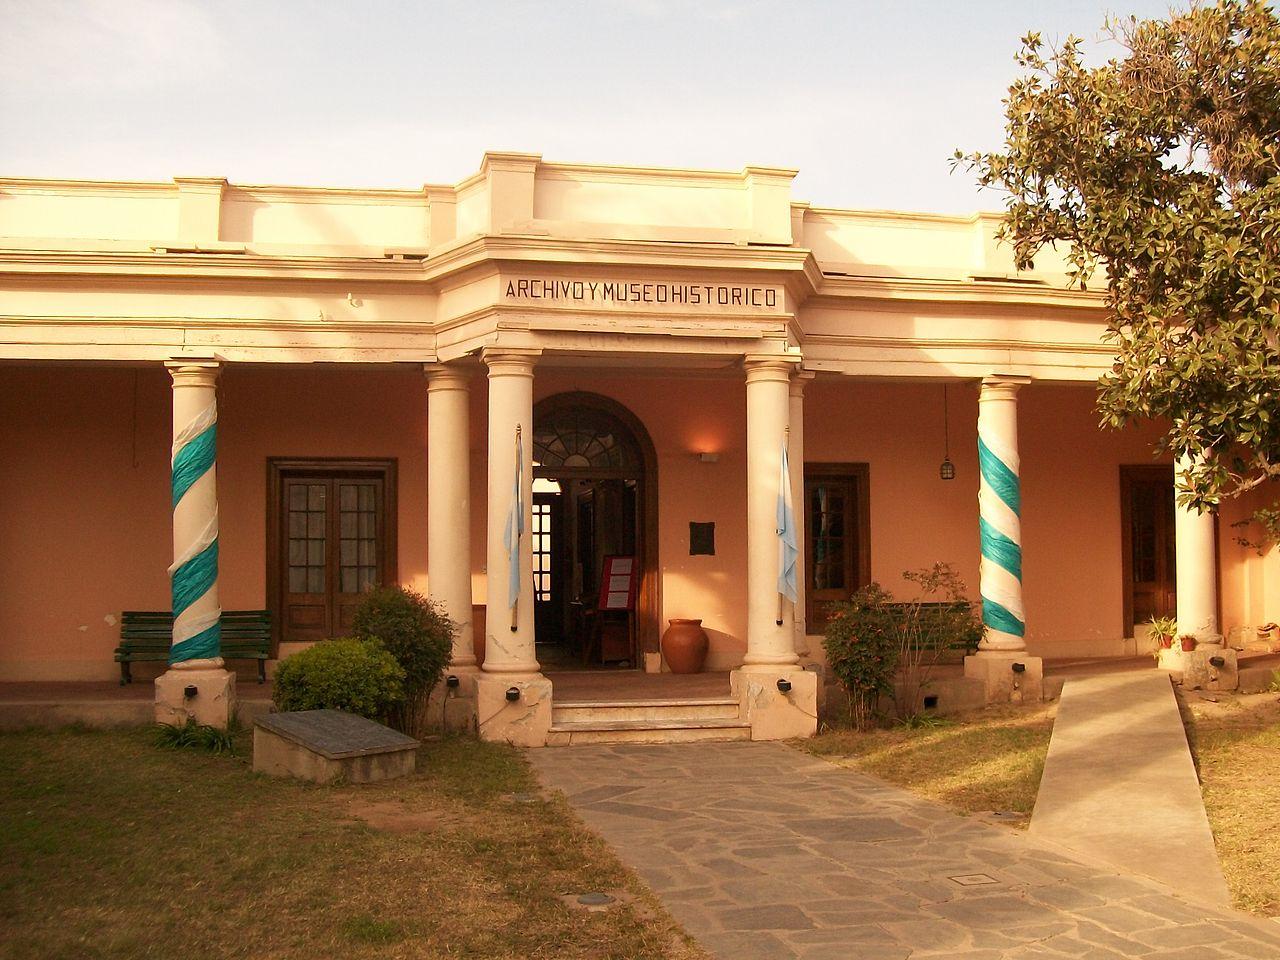 Catamarca-Argentina-8